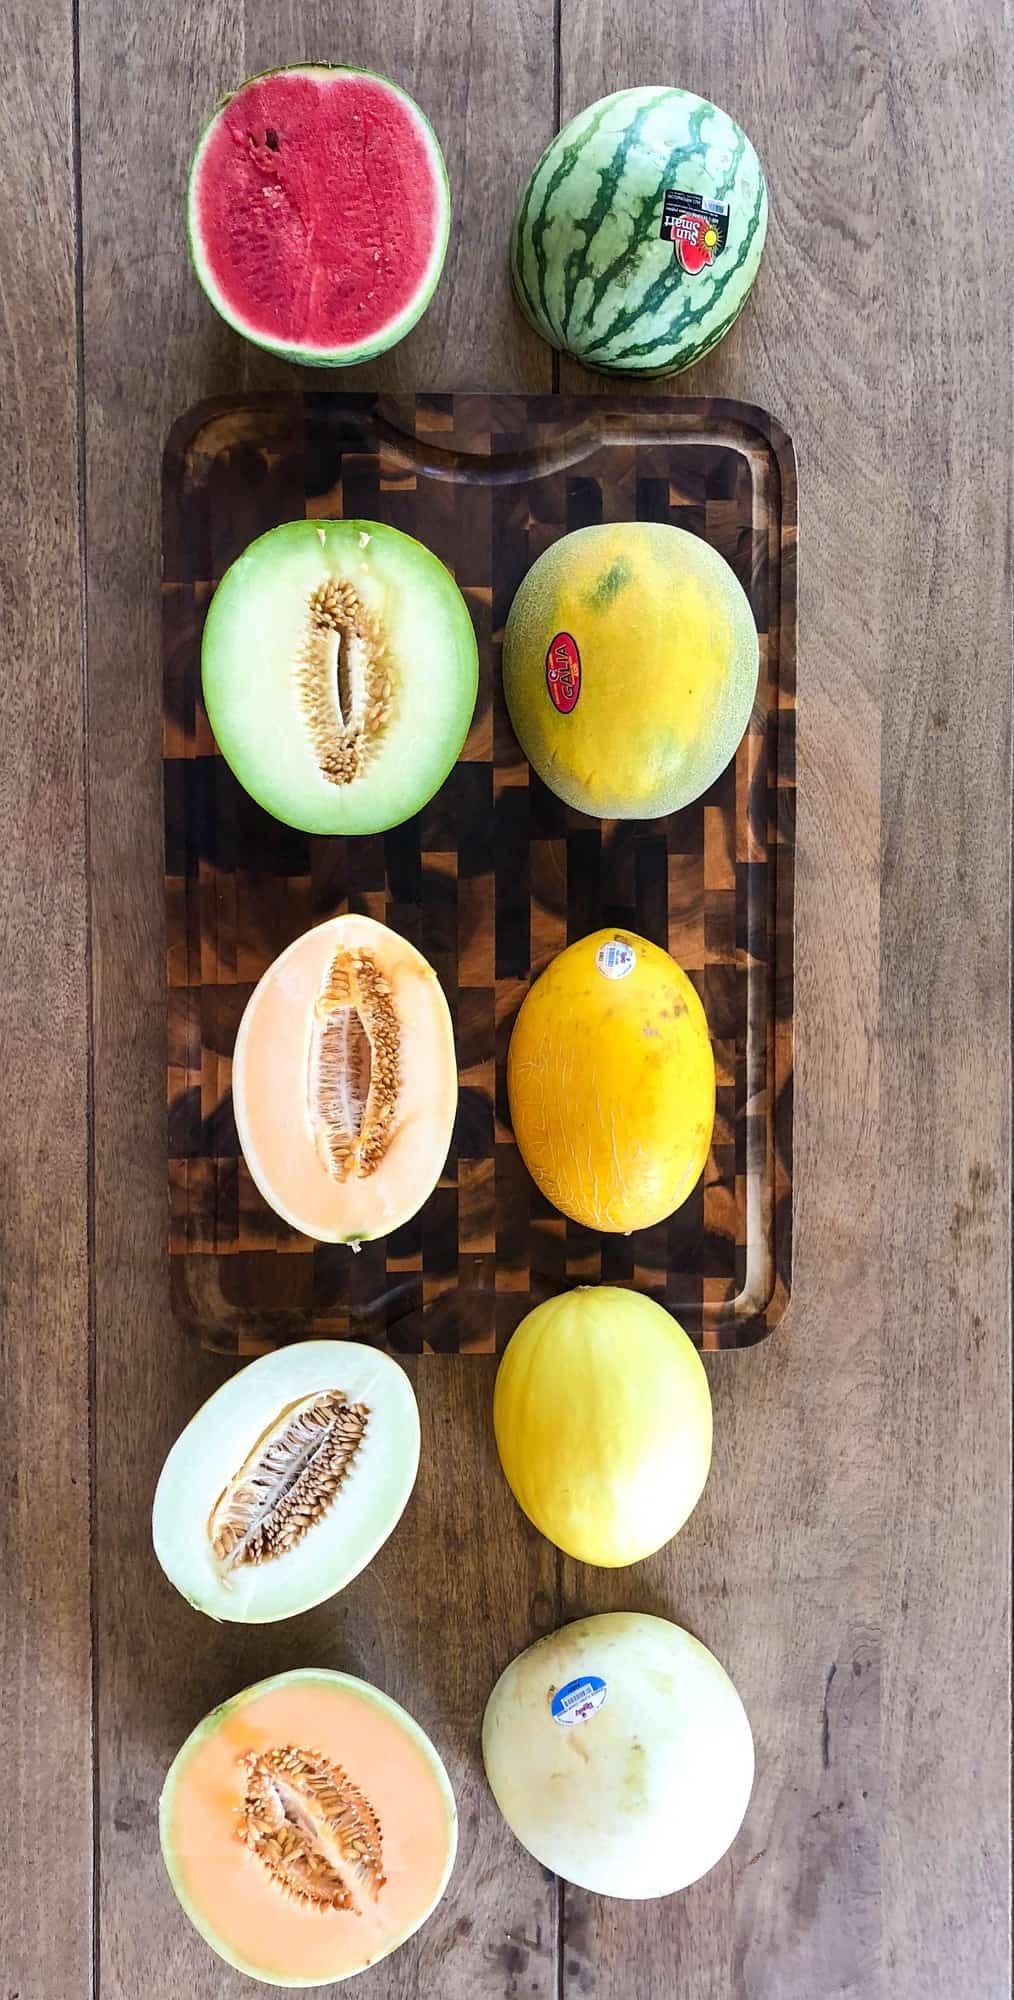 California Melon Season